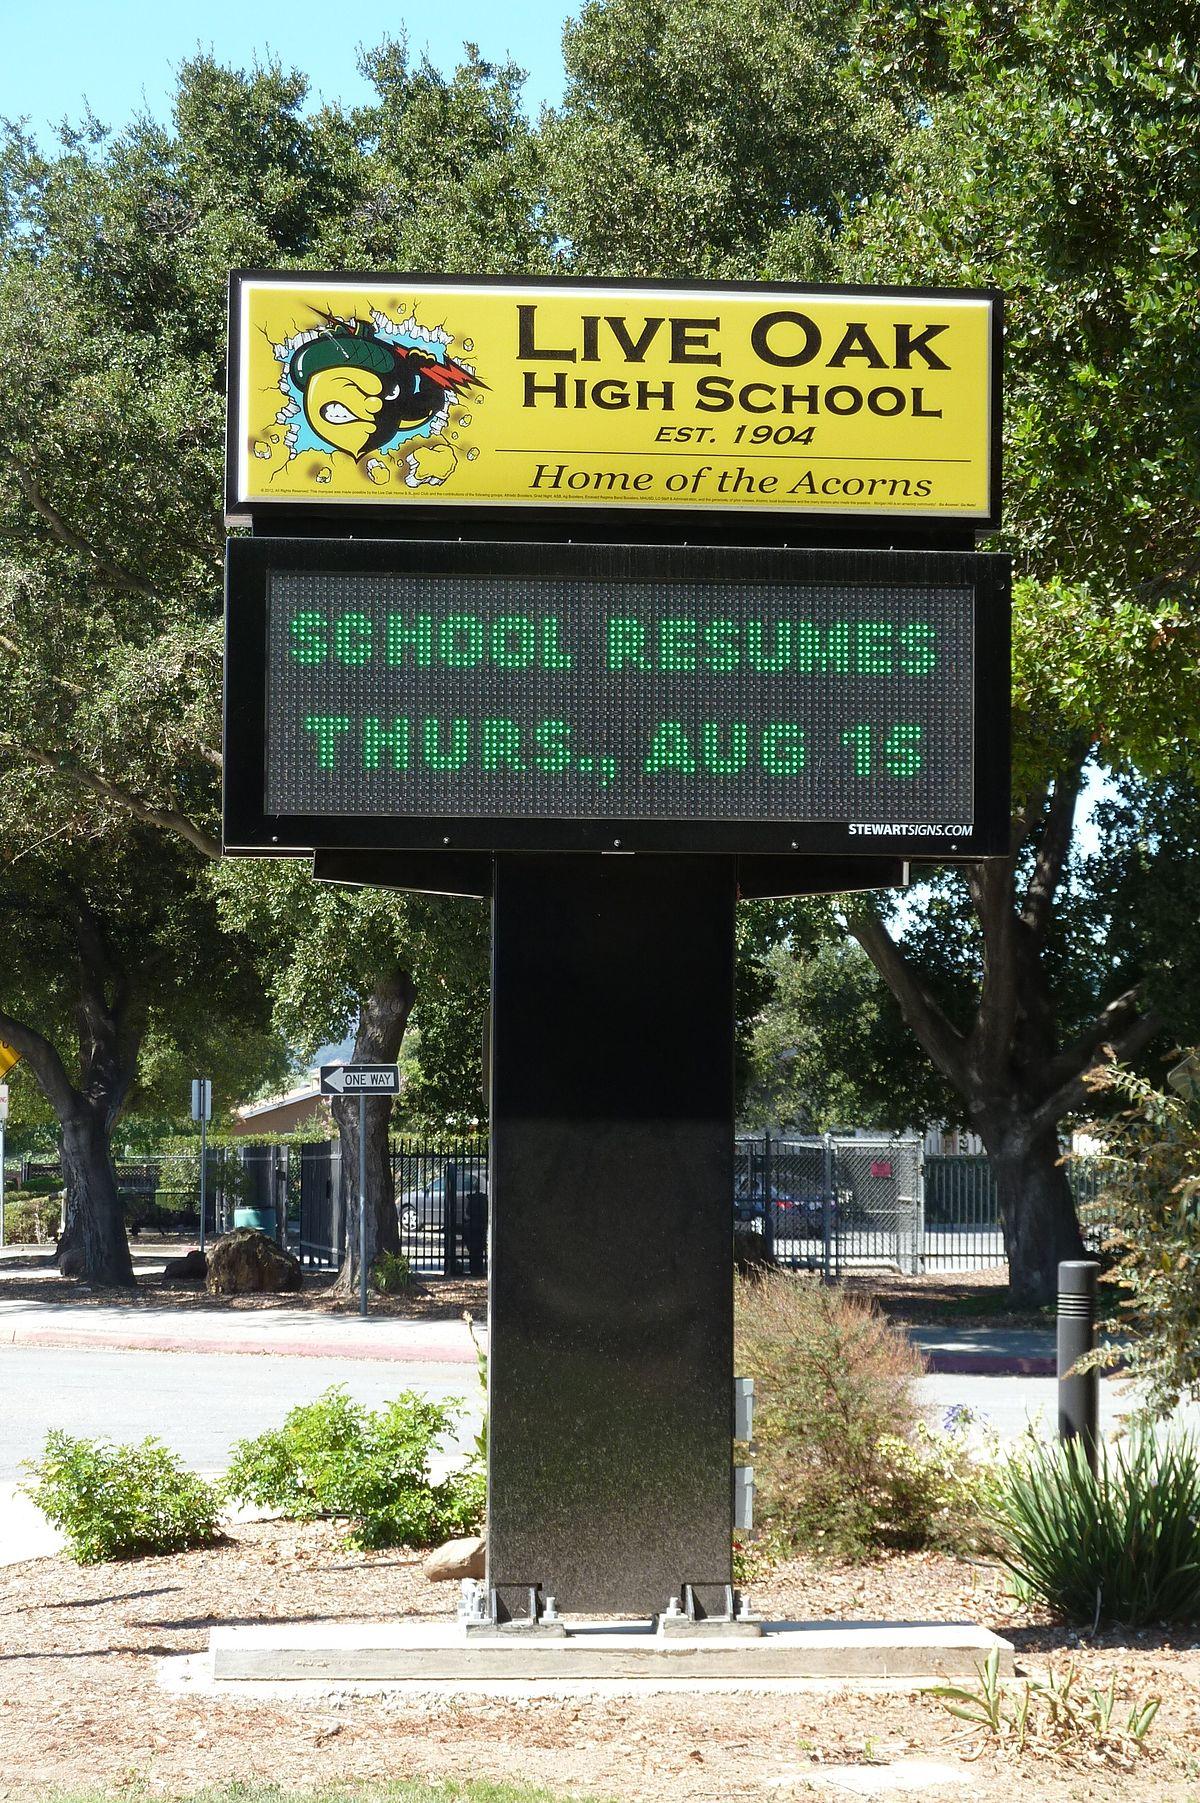 live oak high school  morgan hill  california